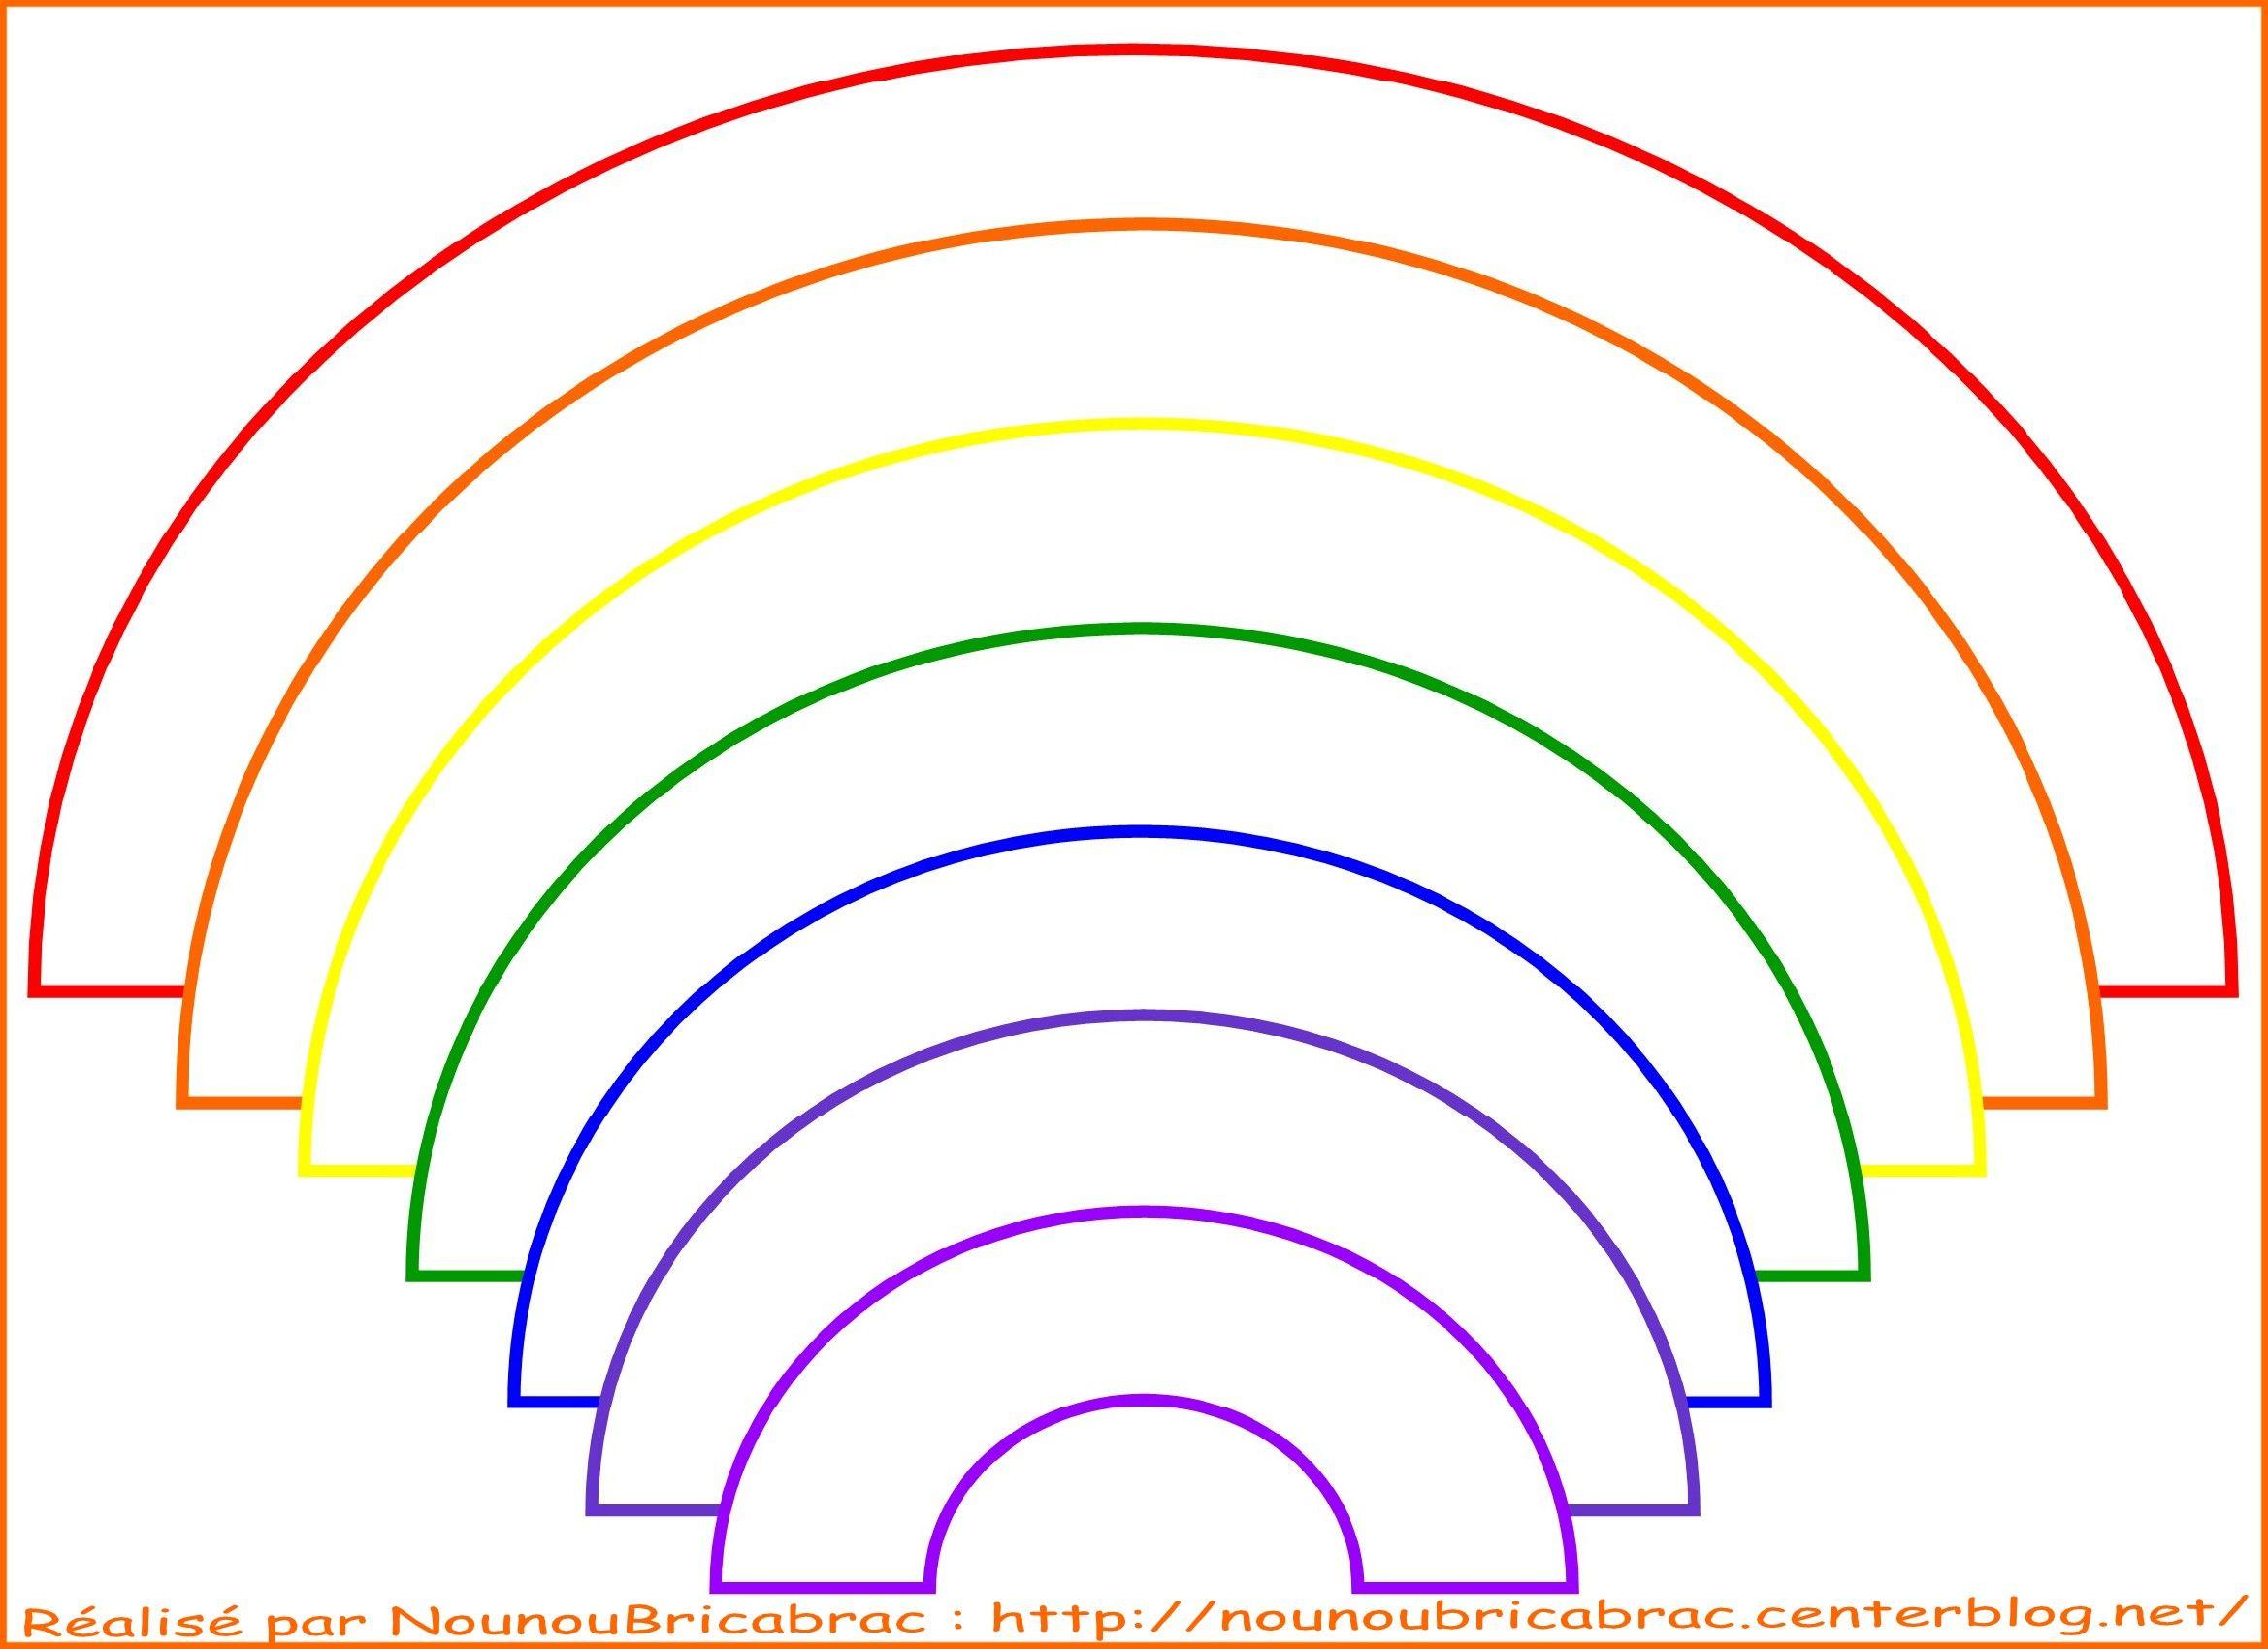 Acolorint El Cel De L Arc De Sant Martí Per Pintar Dibuix D Impressió Fiesta De Estrellas Pintar Cumpleaños